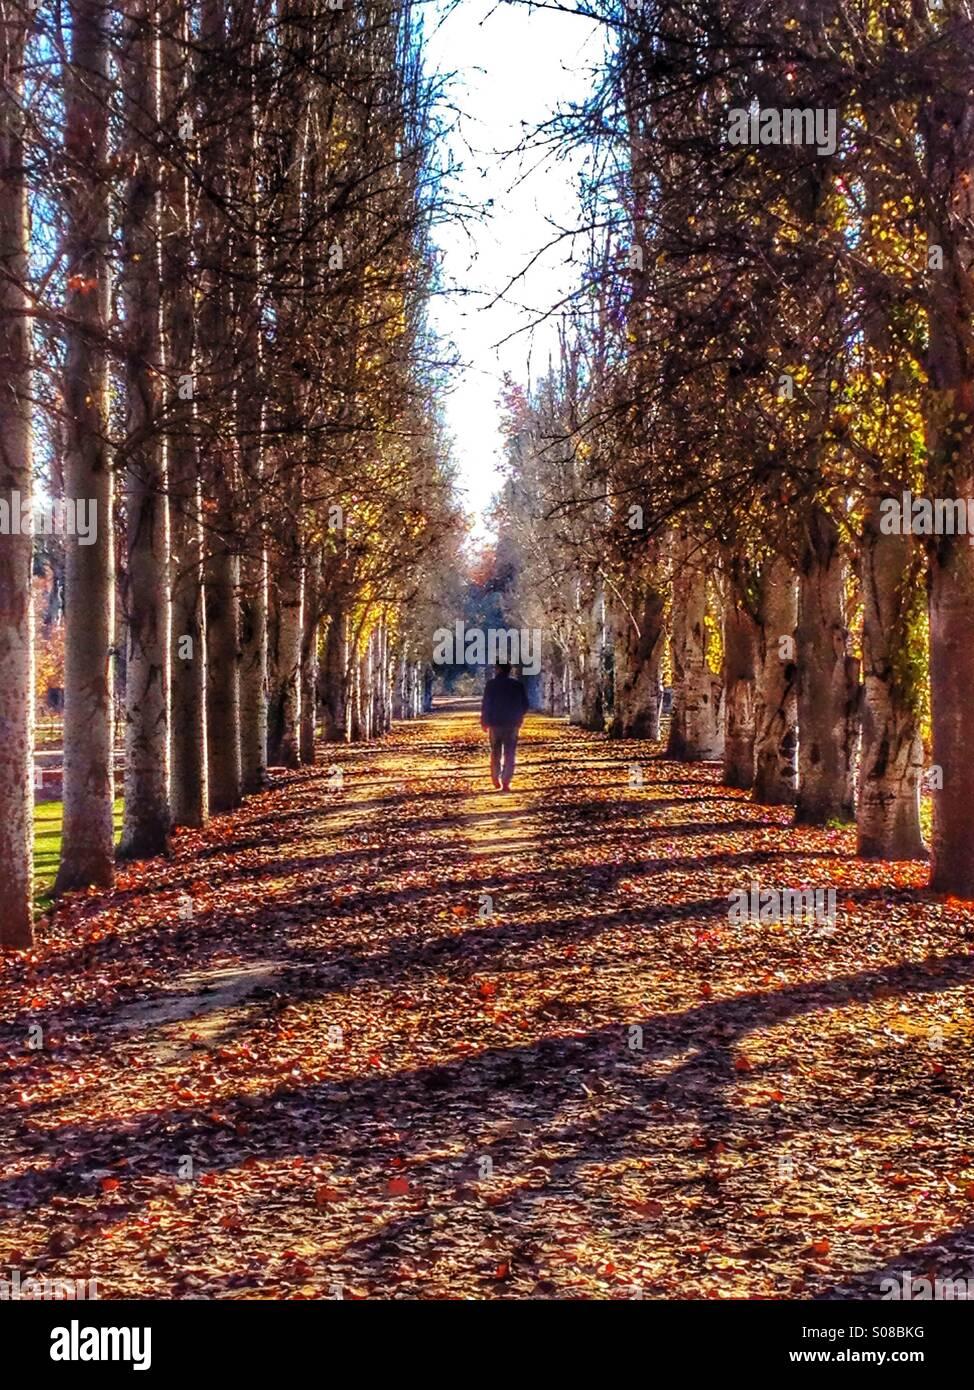 Figura maschile camminando per un viale di alberi Immagini Stock